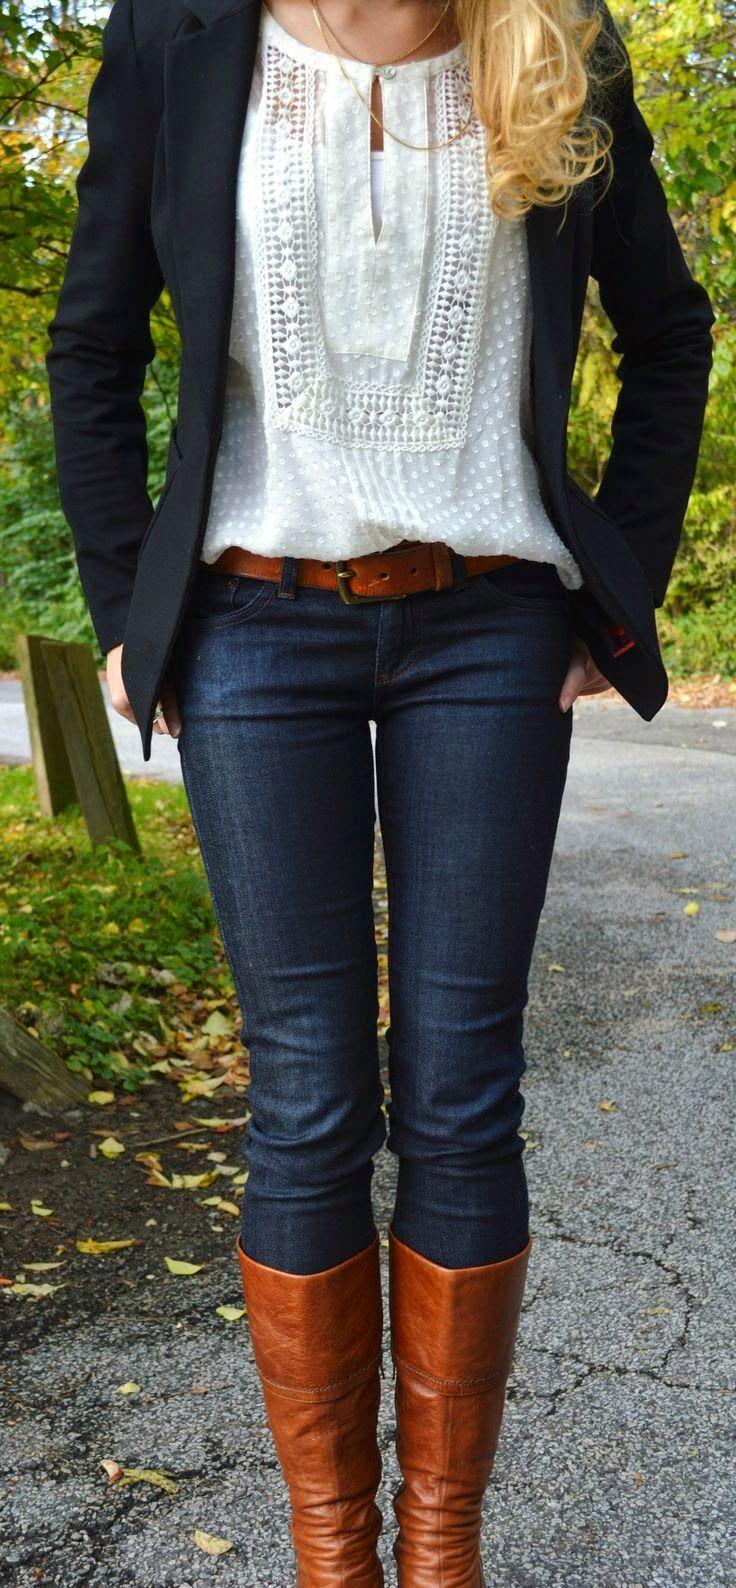 Bien Paraitre Porter Des Trucs 5 Bureau Jeans Au Fashion Pour R8waq08K